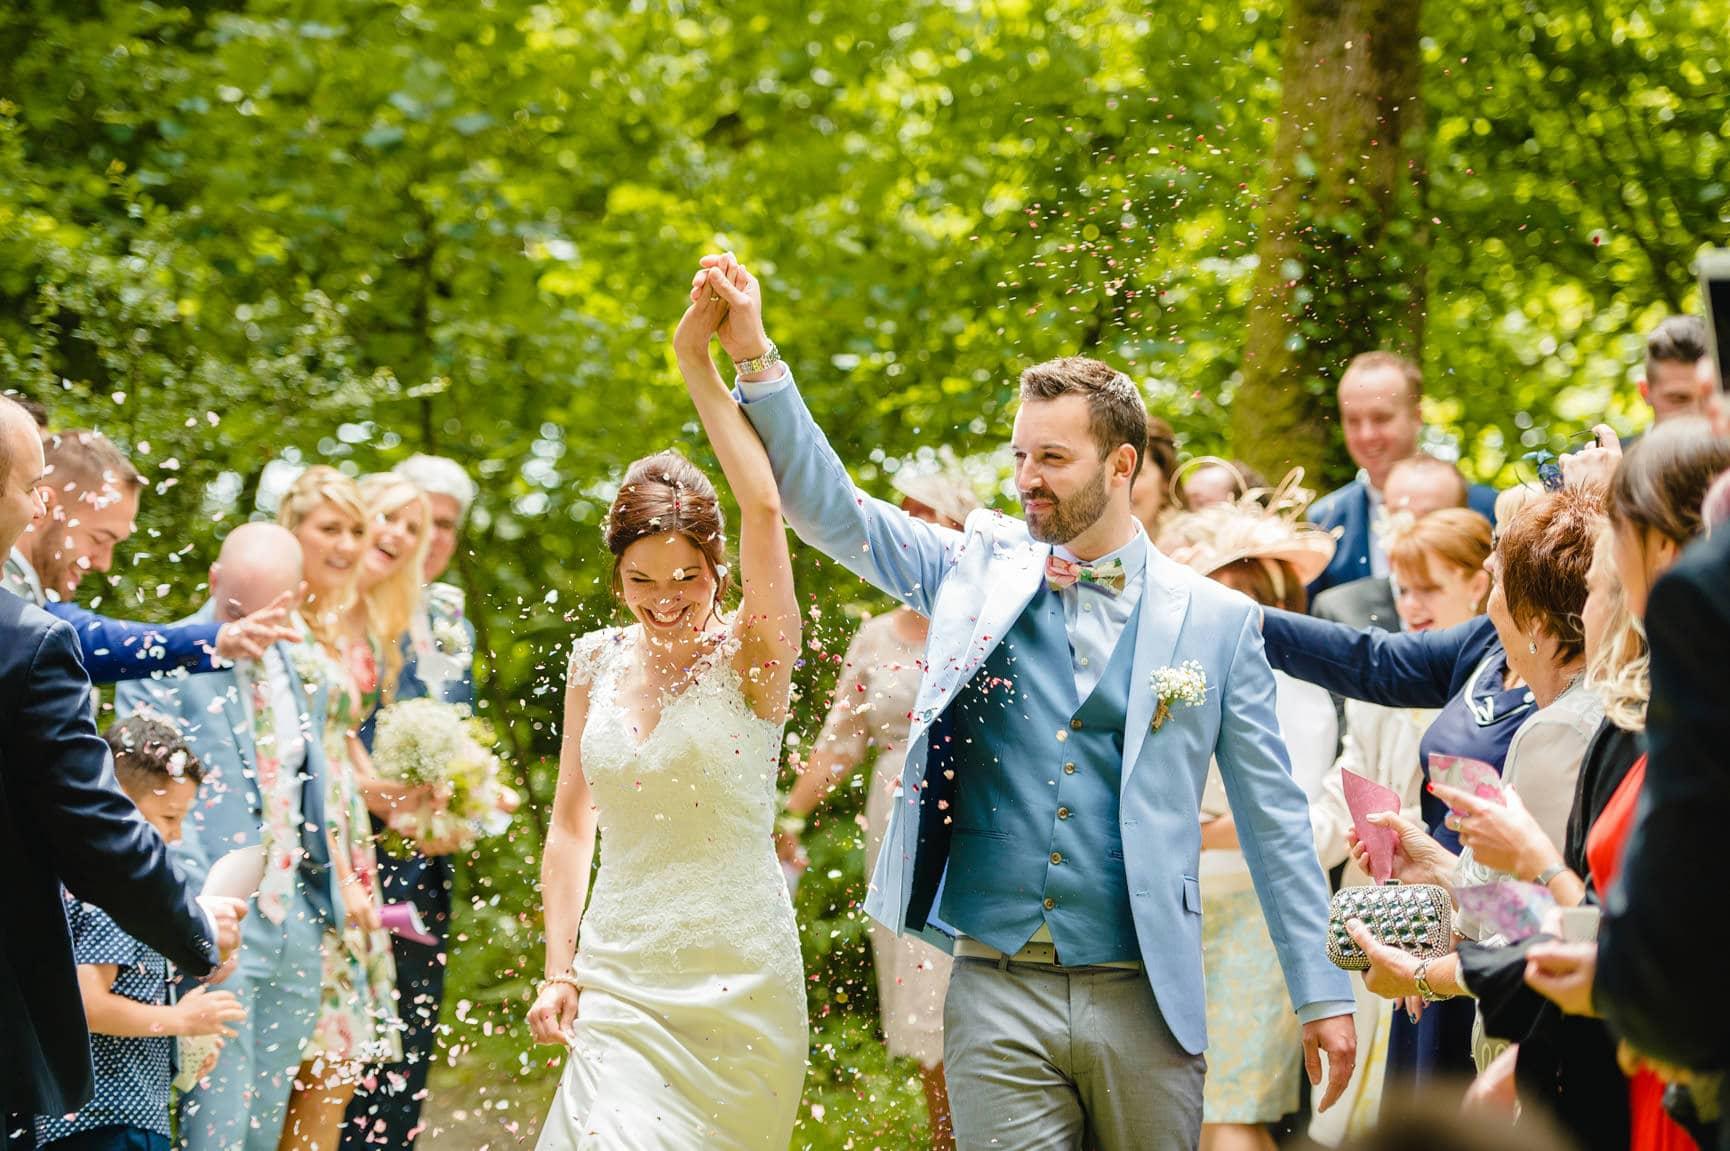 Fforest Wedding, Cardigan, Wales - Lauren and Gareth 68